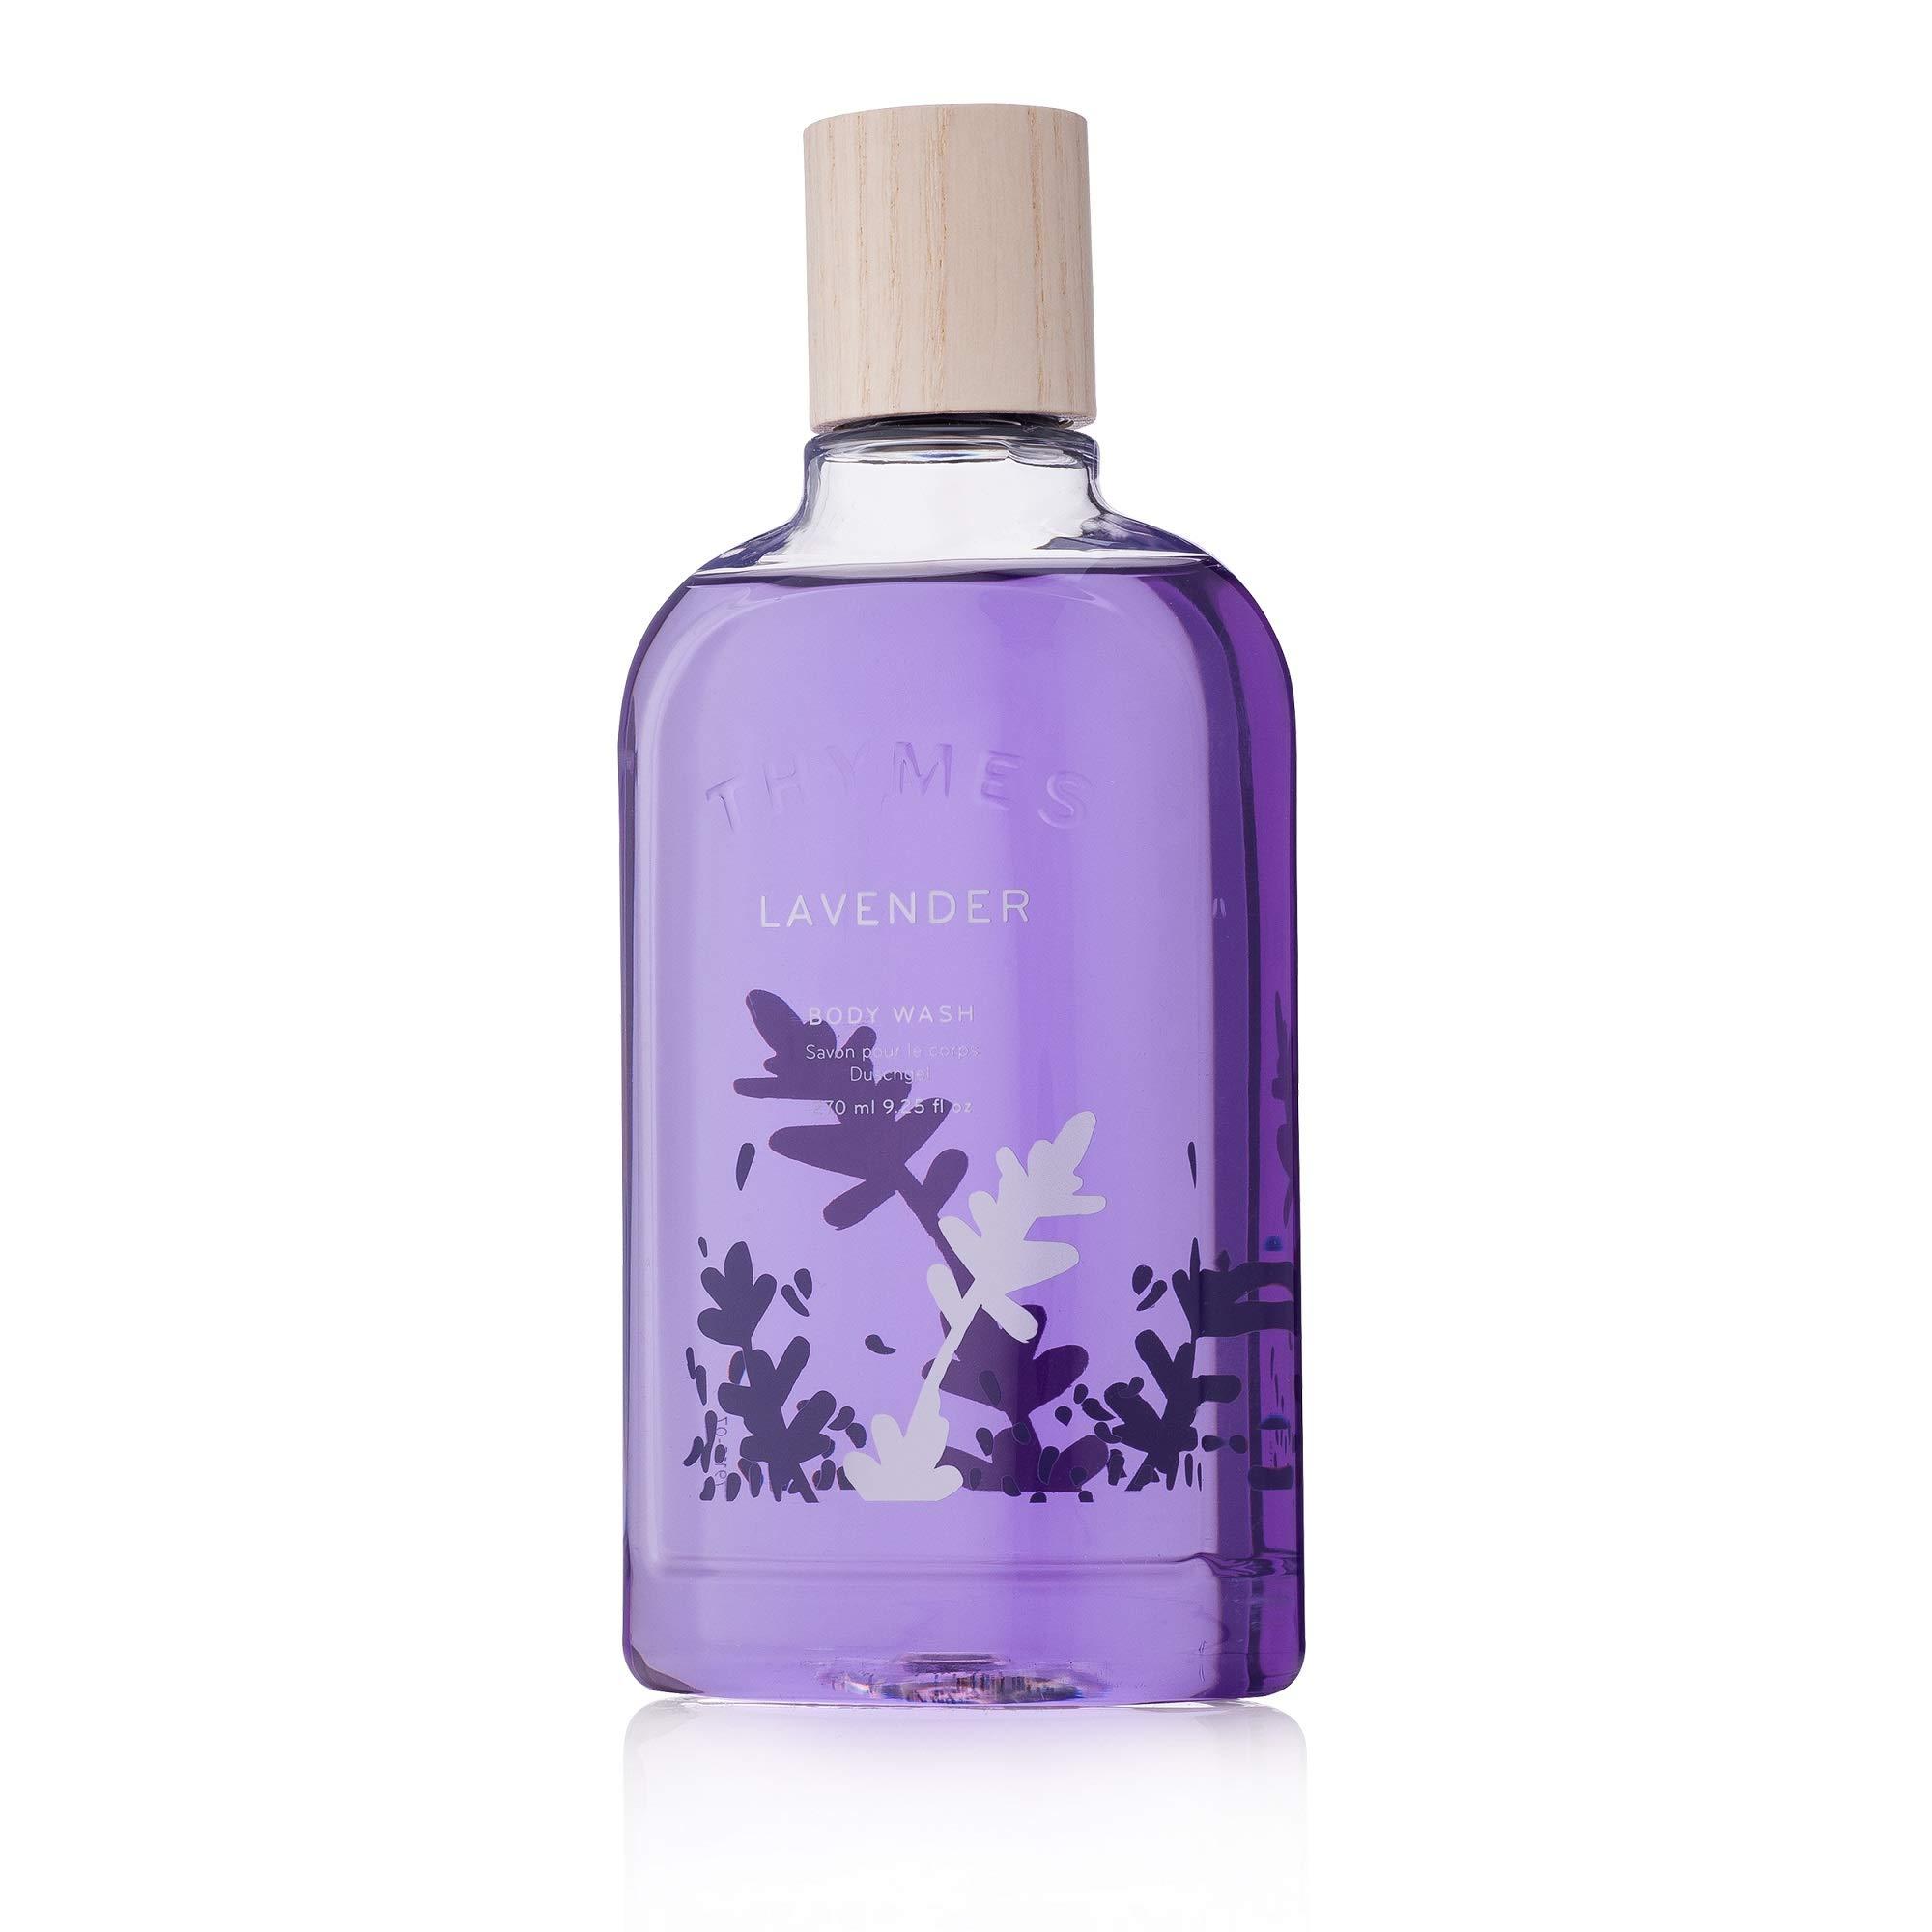 Thymes Body Wash - 9.25 Fl Oz - Lavender